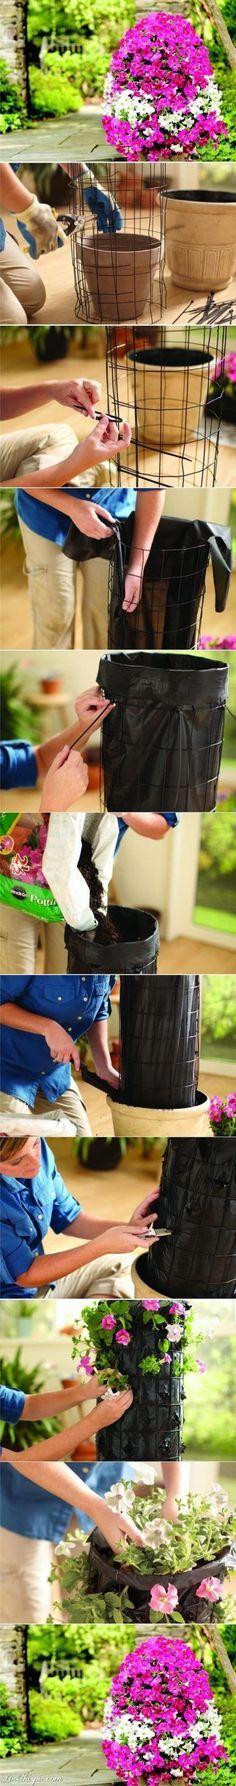 DIY Vertical Planter - lovethispic.com - Maceta vertical DIY